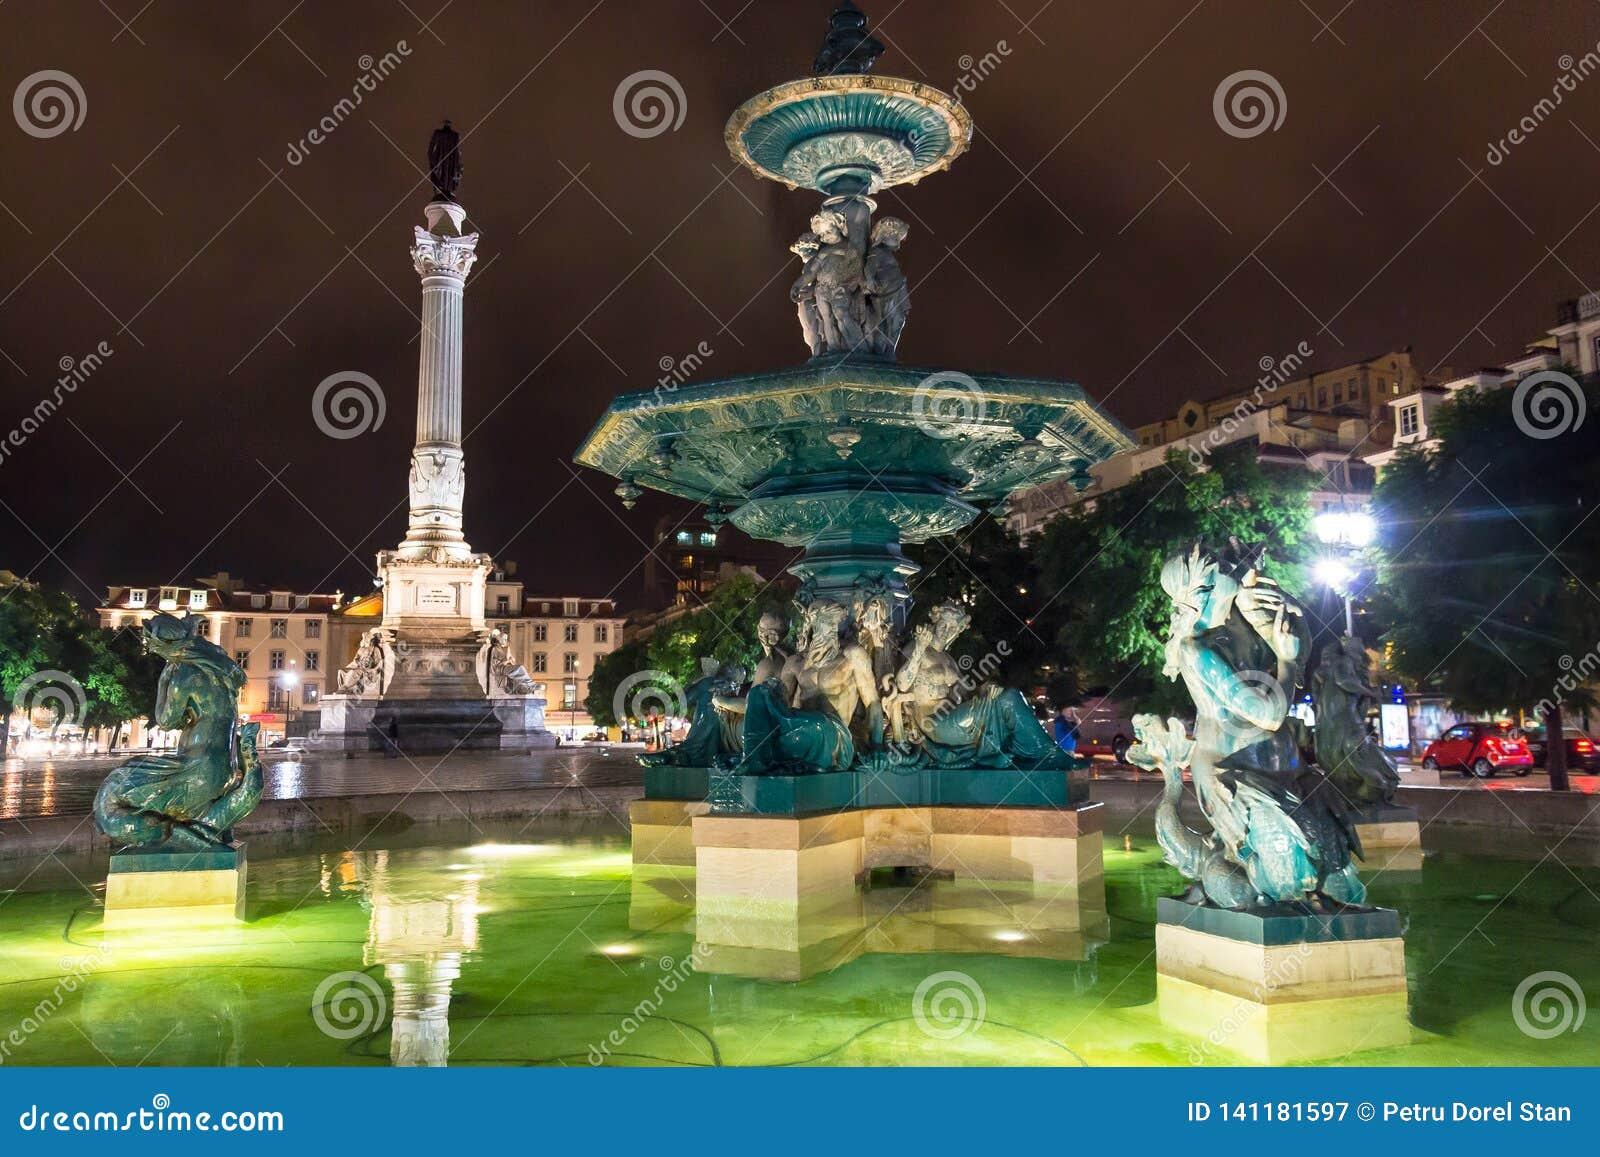 Scène de nuit de place de Rossio, Lisbonne, Portugal avec un de ses fontaines décoratives et de la colonne de Pedro IV